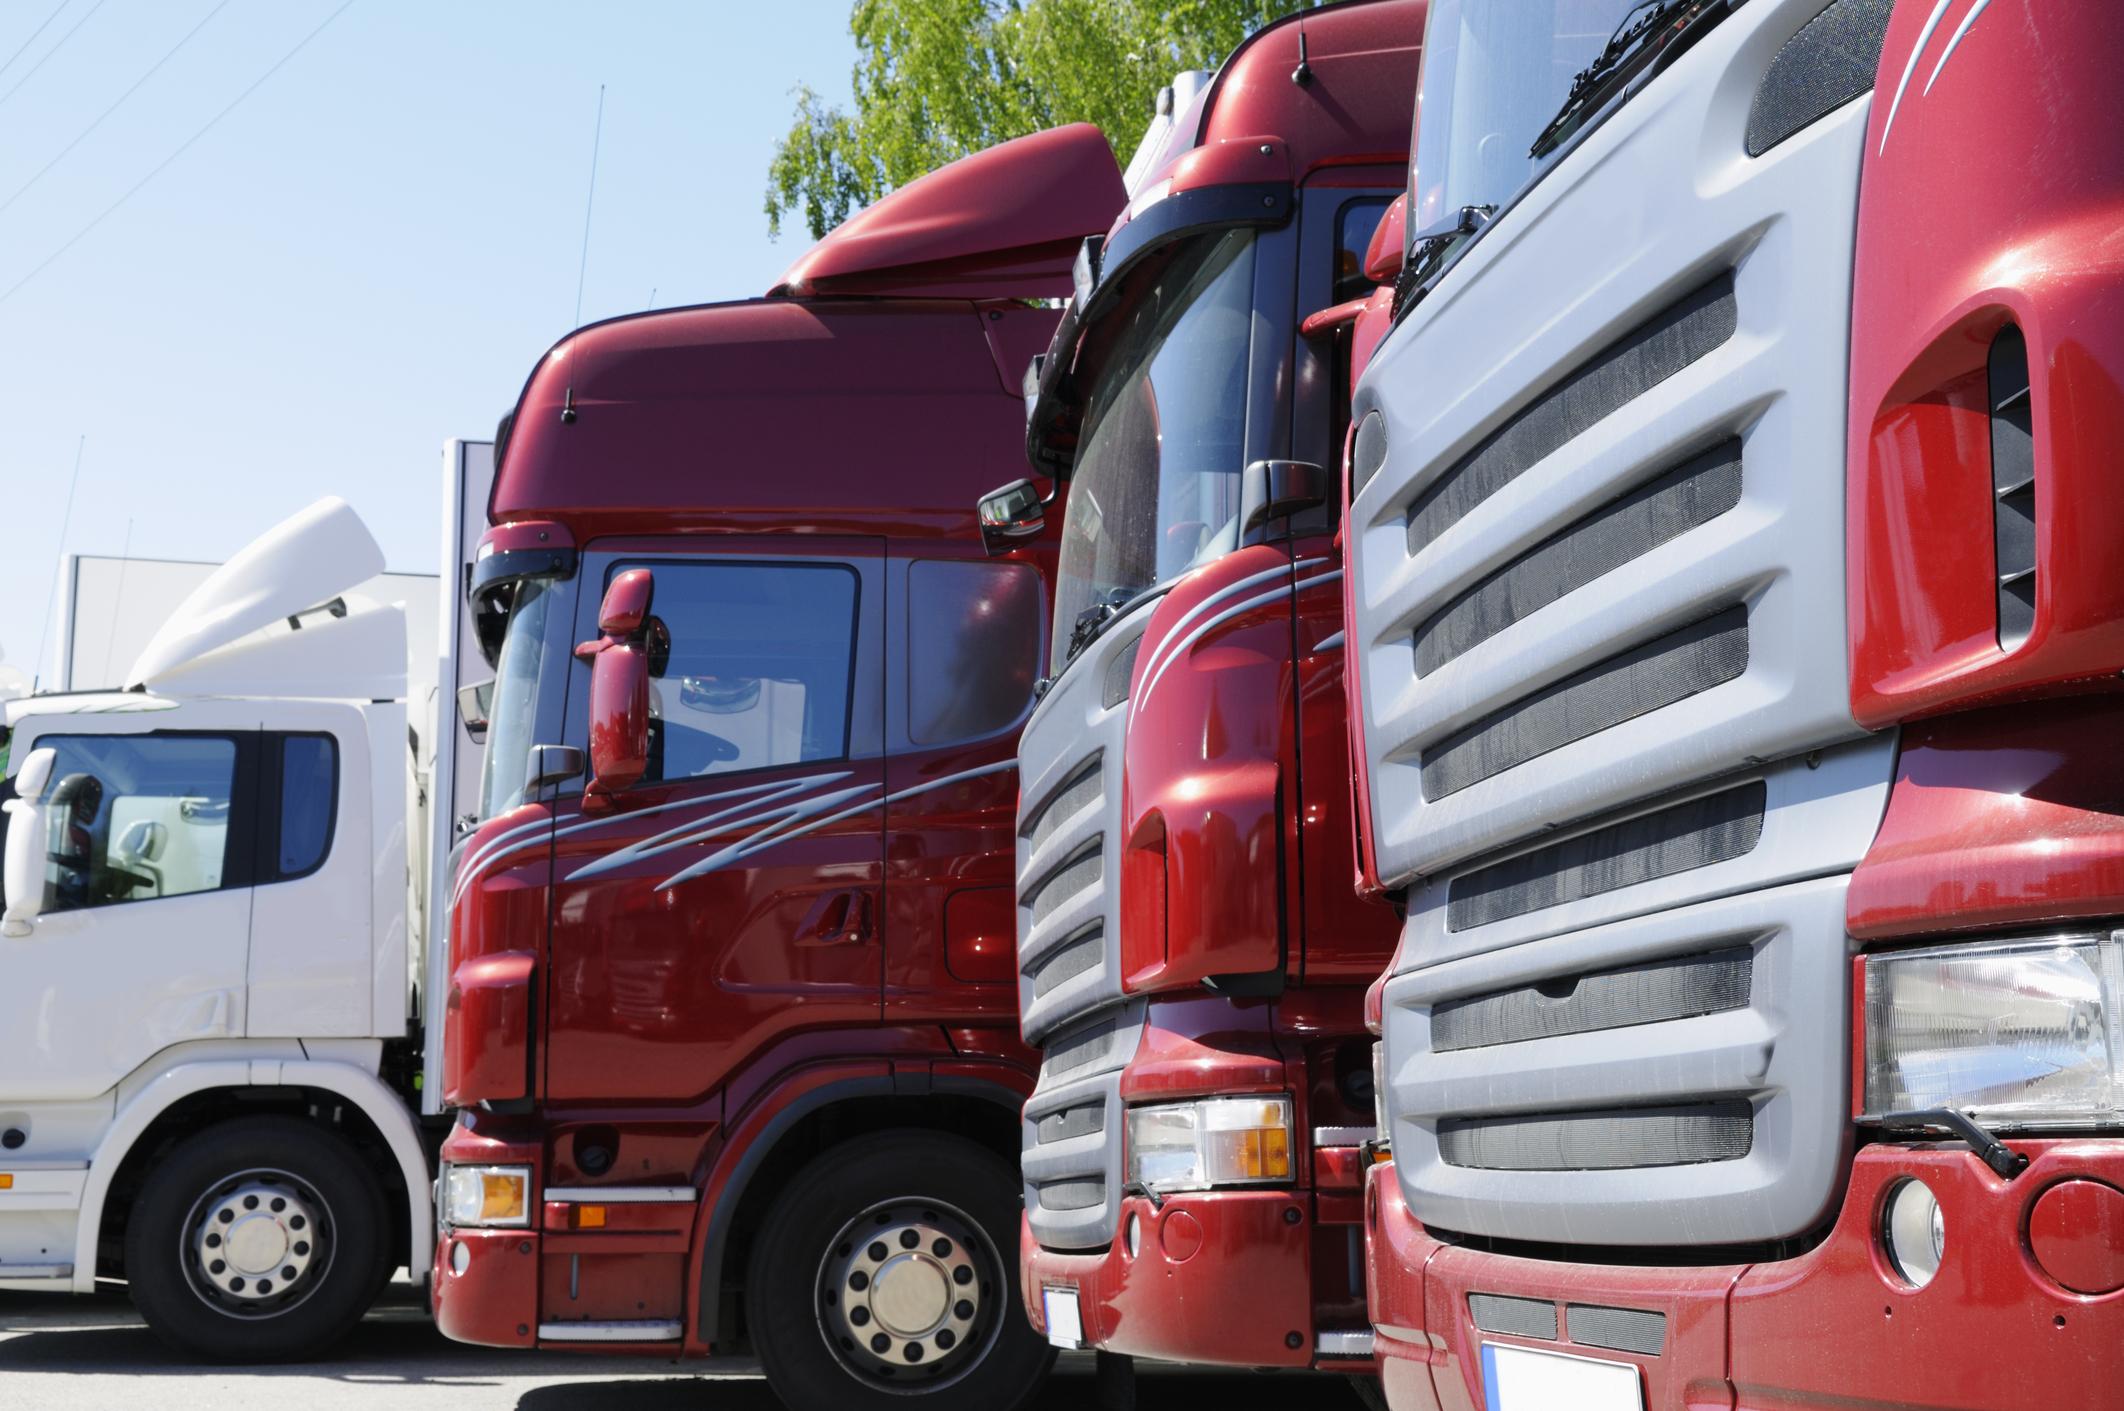 © Christian Lagereek trucks 5496698